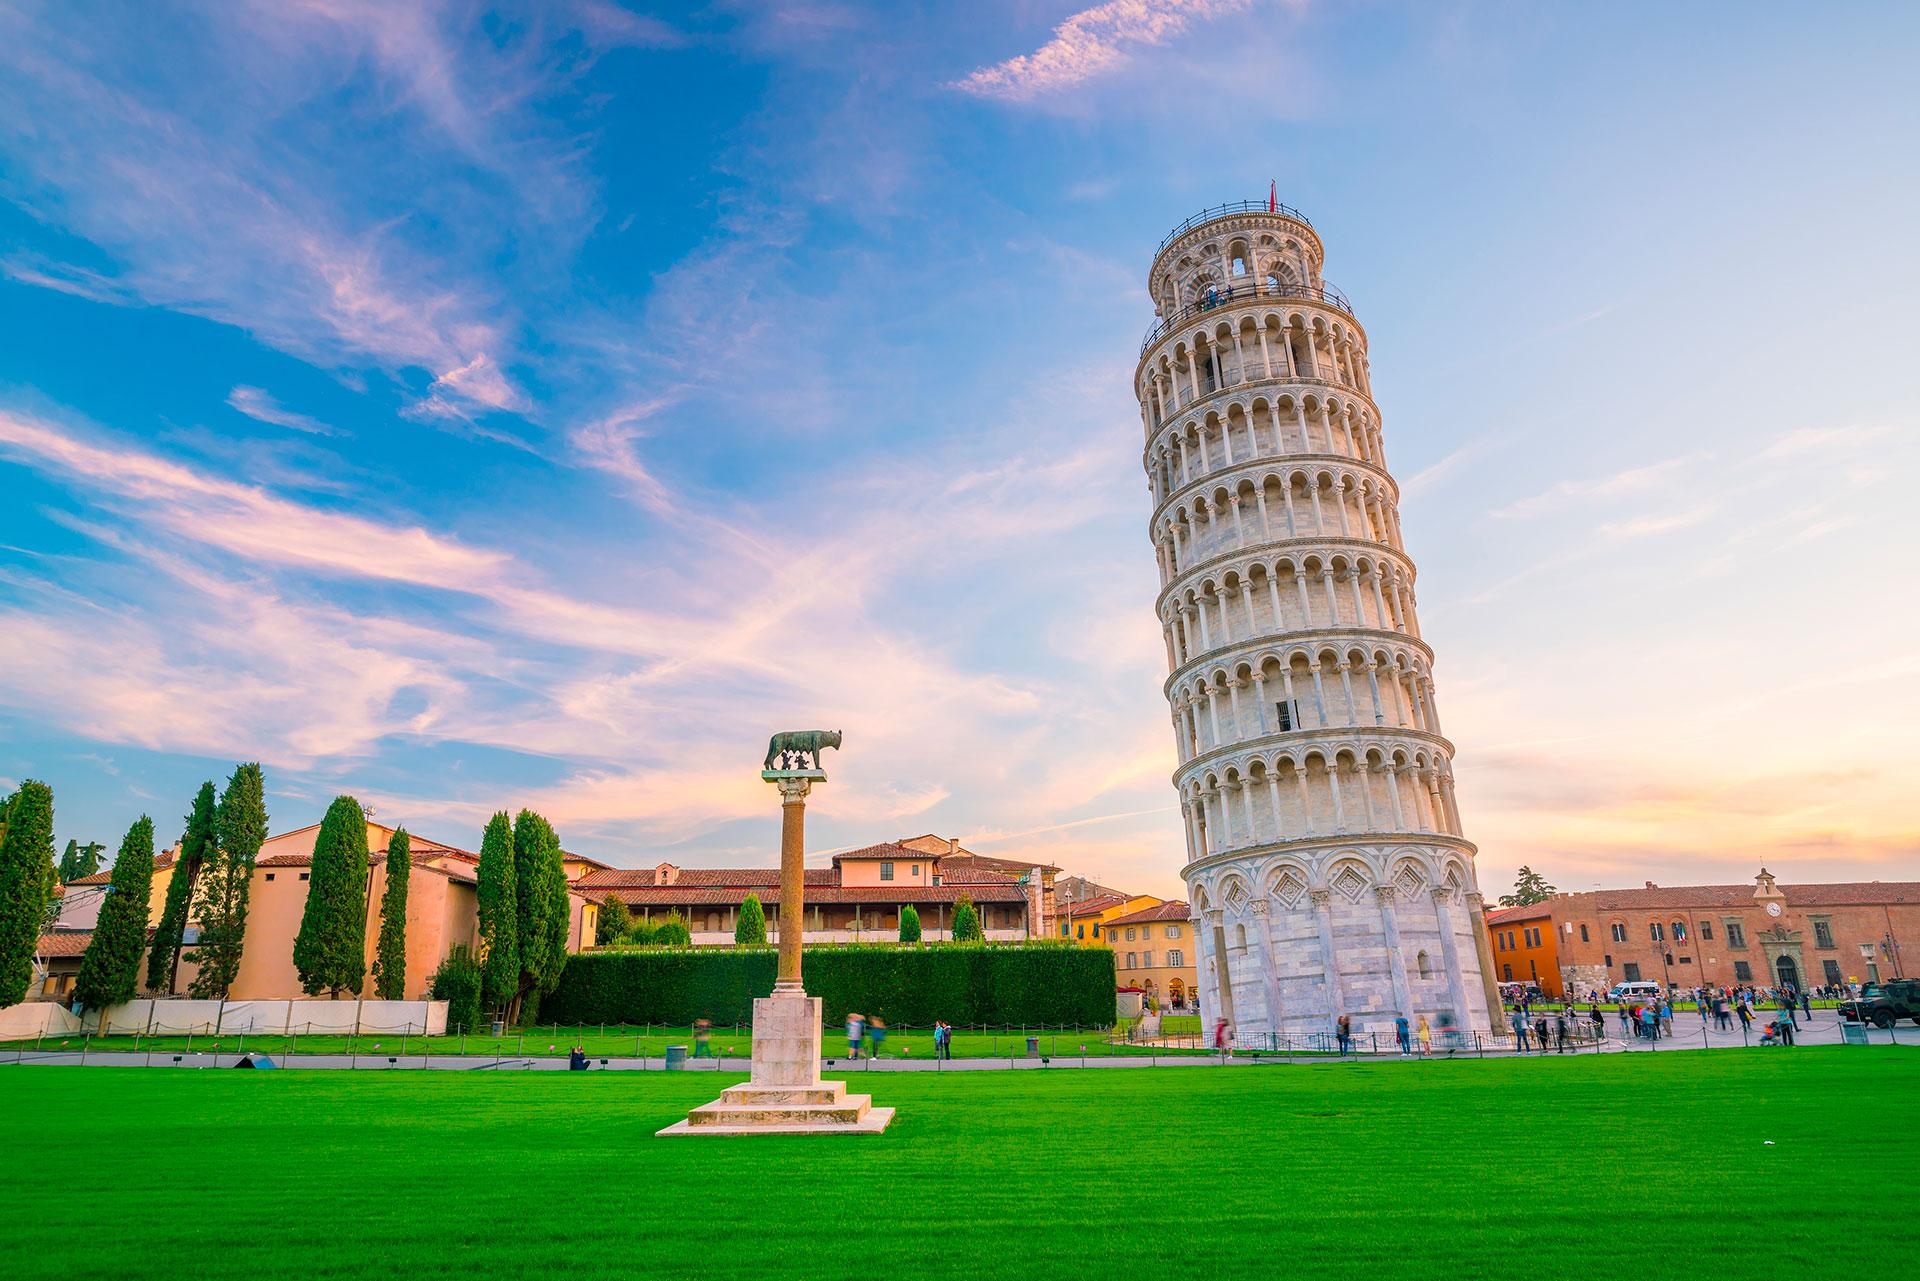 Es casi imposible resistirse a las fotografías ilusorias ópticas que ofrece la torre inclinada de Pisa. La construcción del edificio comenzó en 1173 , y actualmente se inclina unos cuatro grados // Fotos: Shutterstock